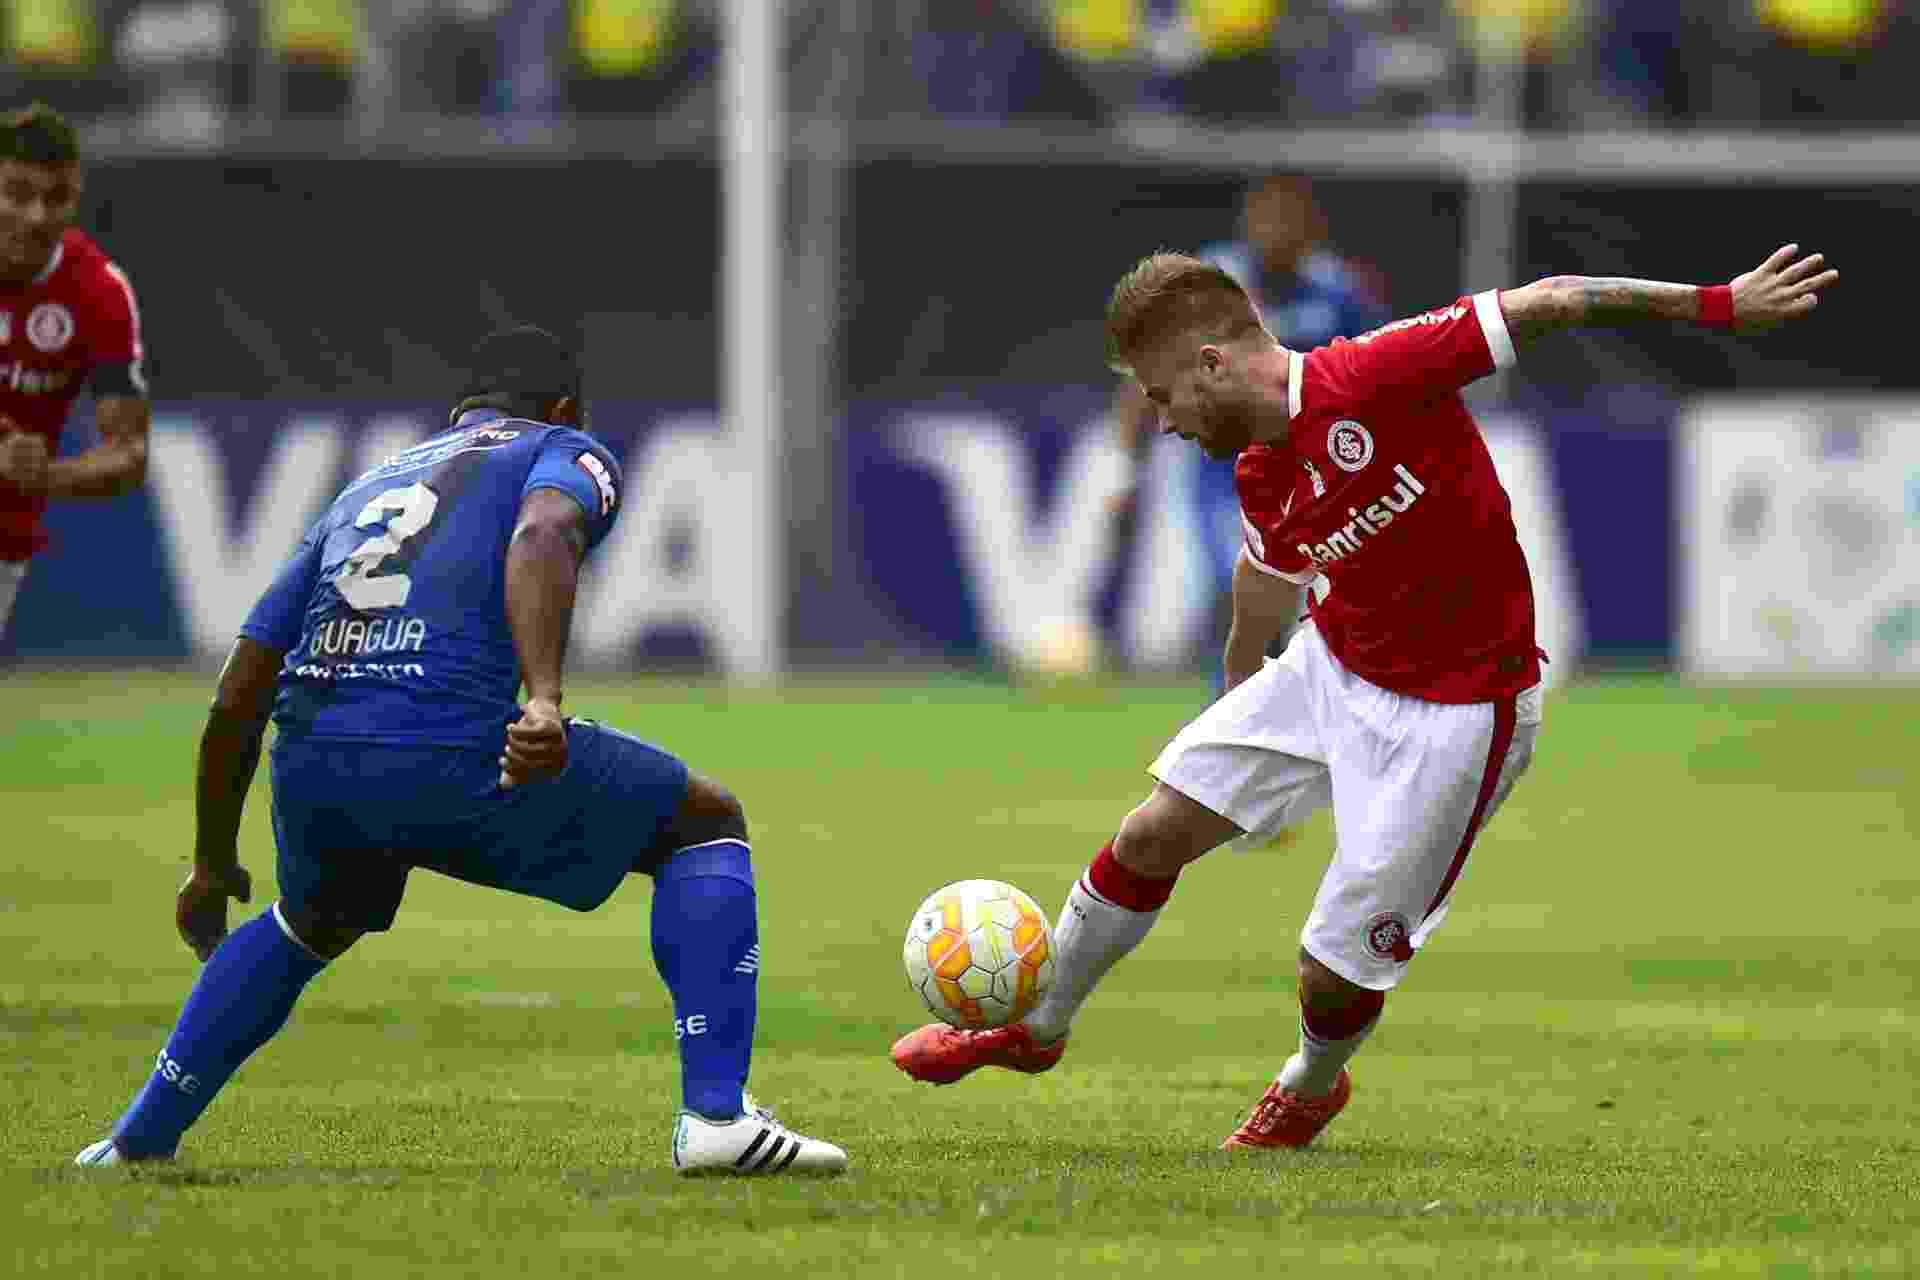 0af43cd021 Fotos  Emelec e Internacional pela Libertadores - 18 03 2015 - UOL ...